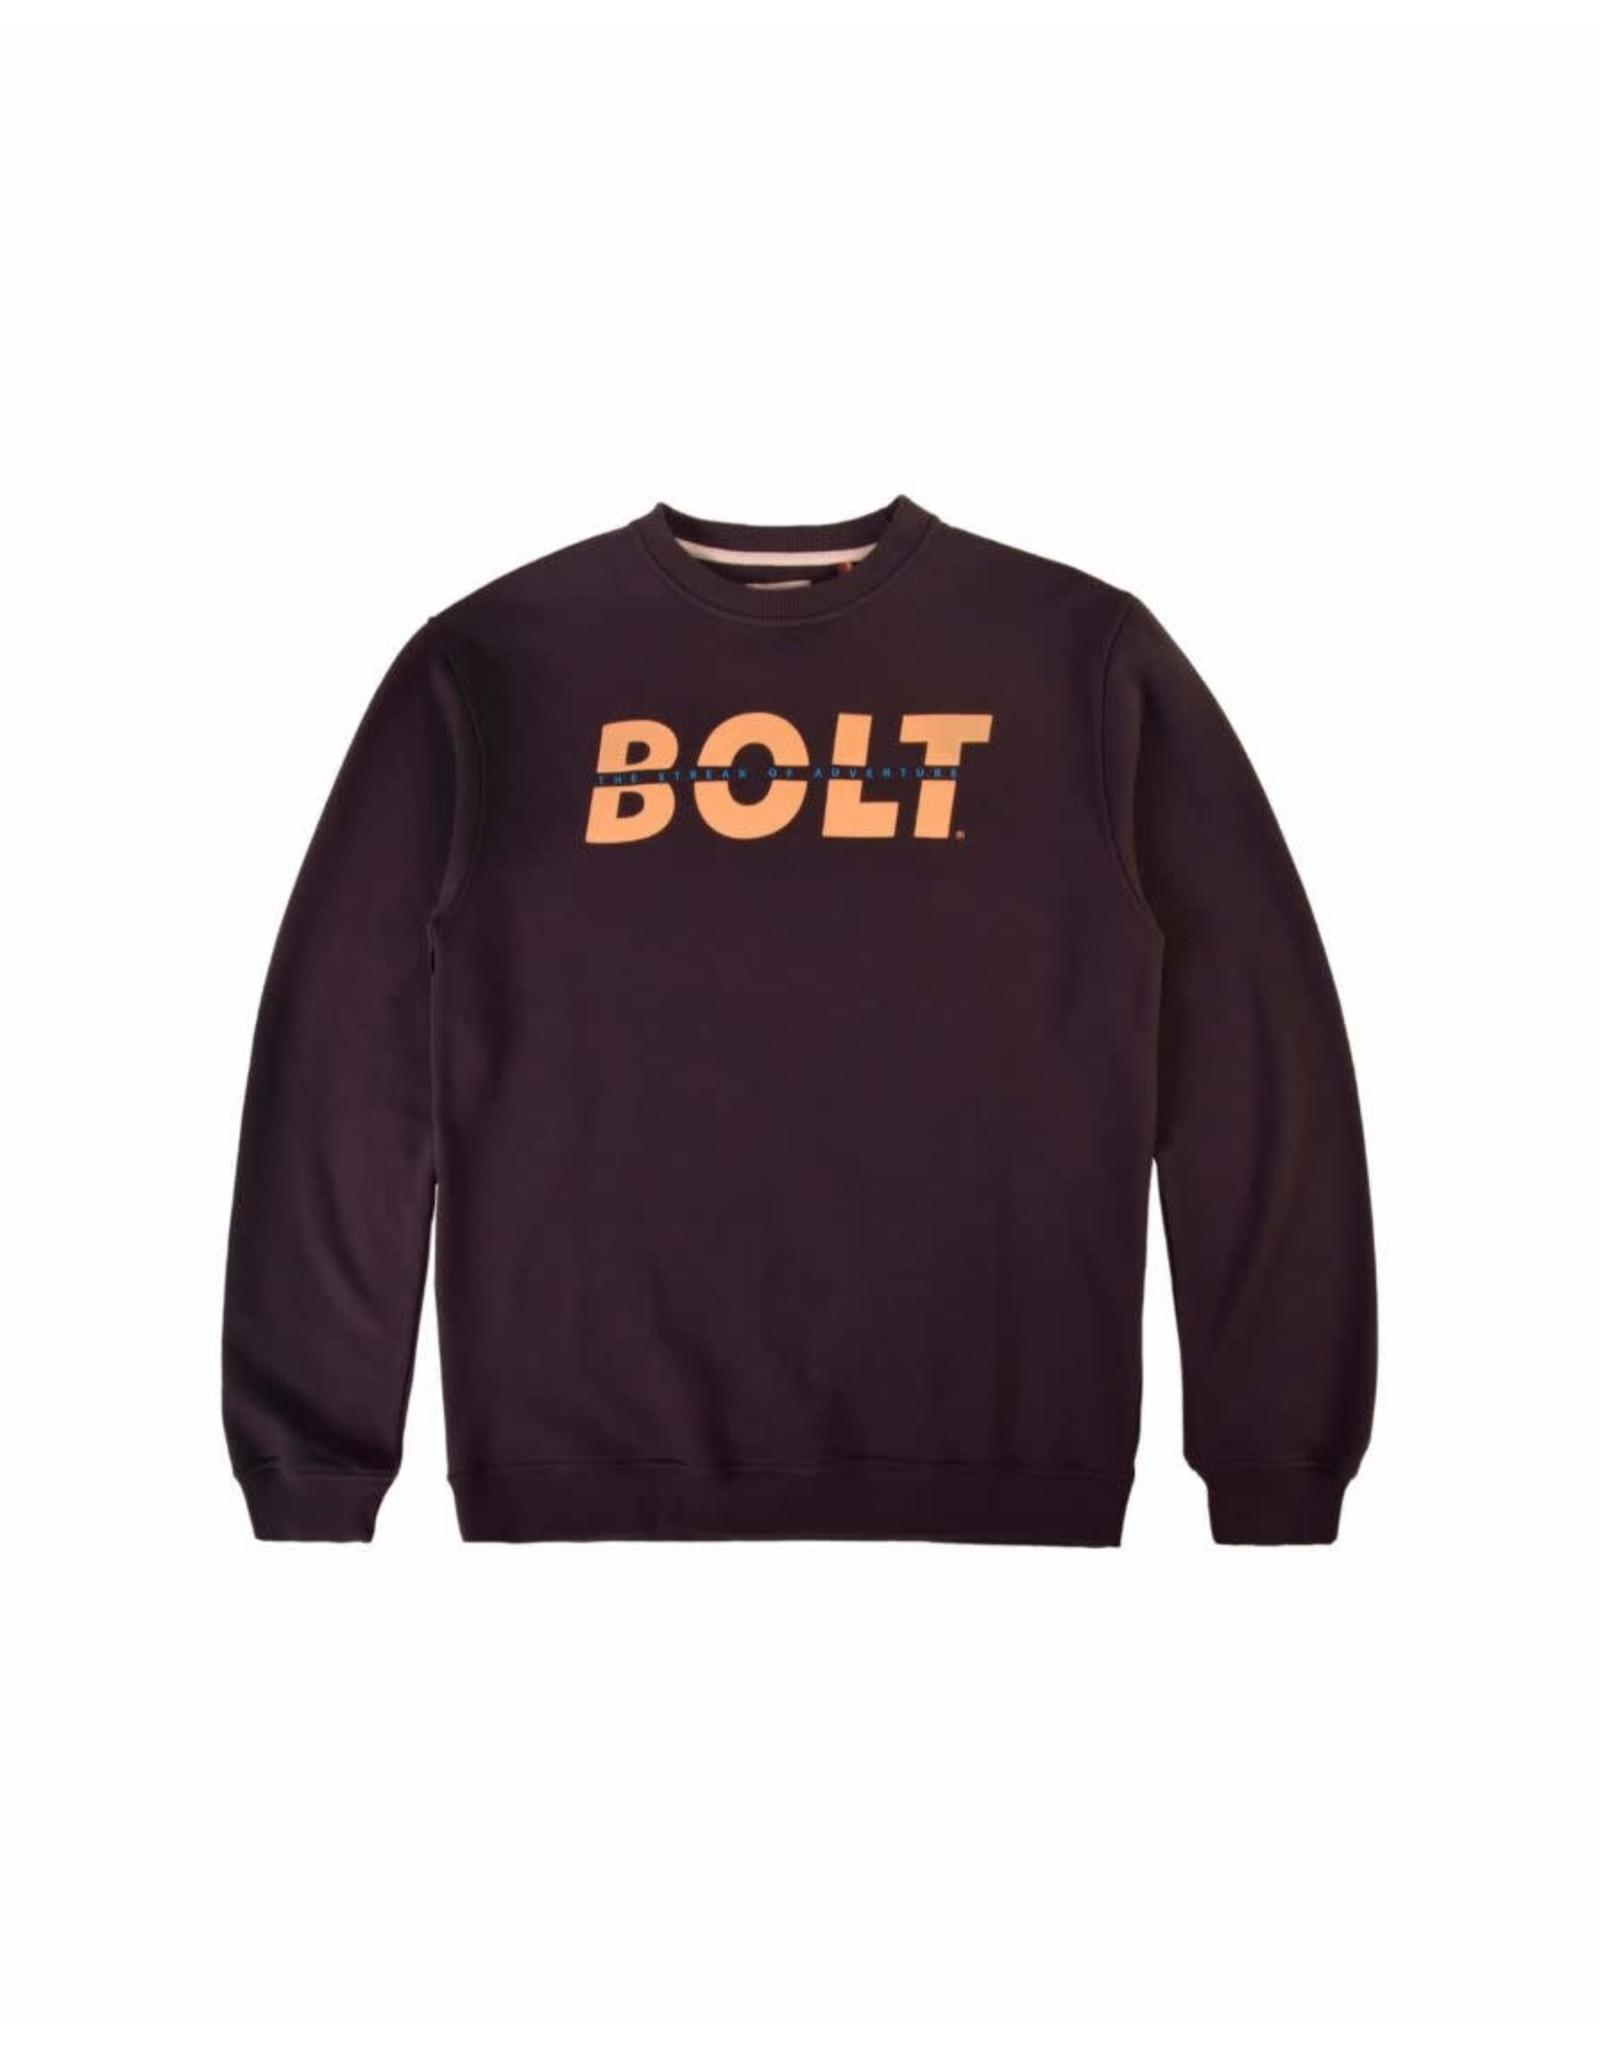 Lightning Bolt Lightning Bolt Sweater Bolt